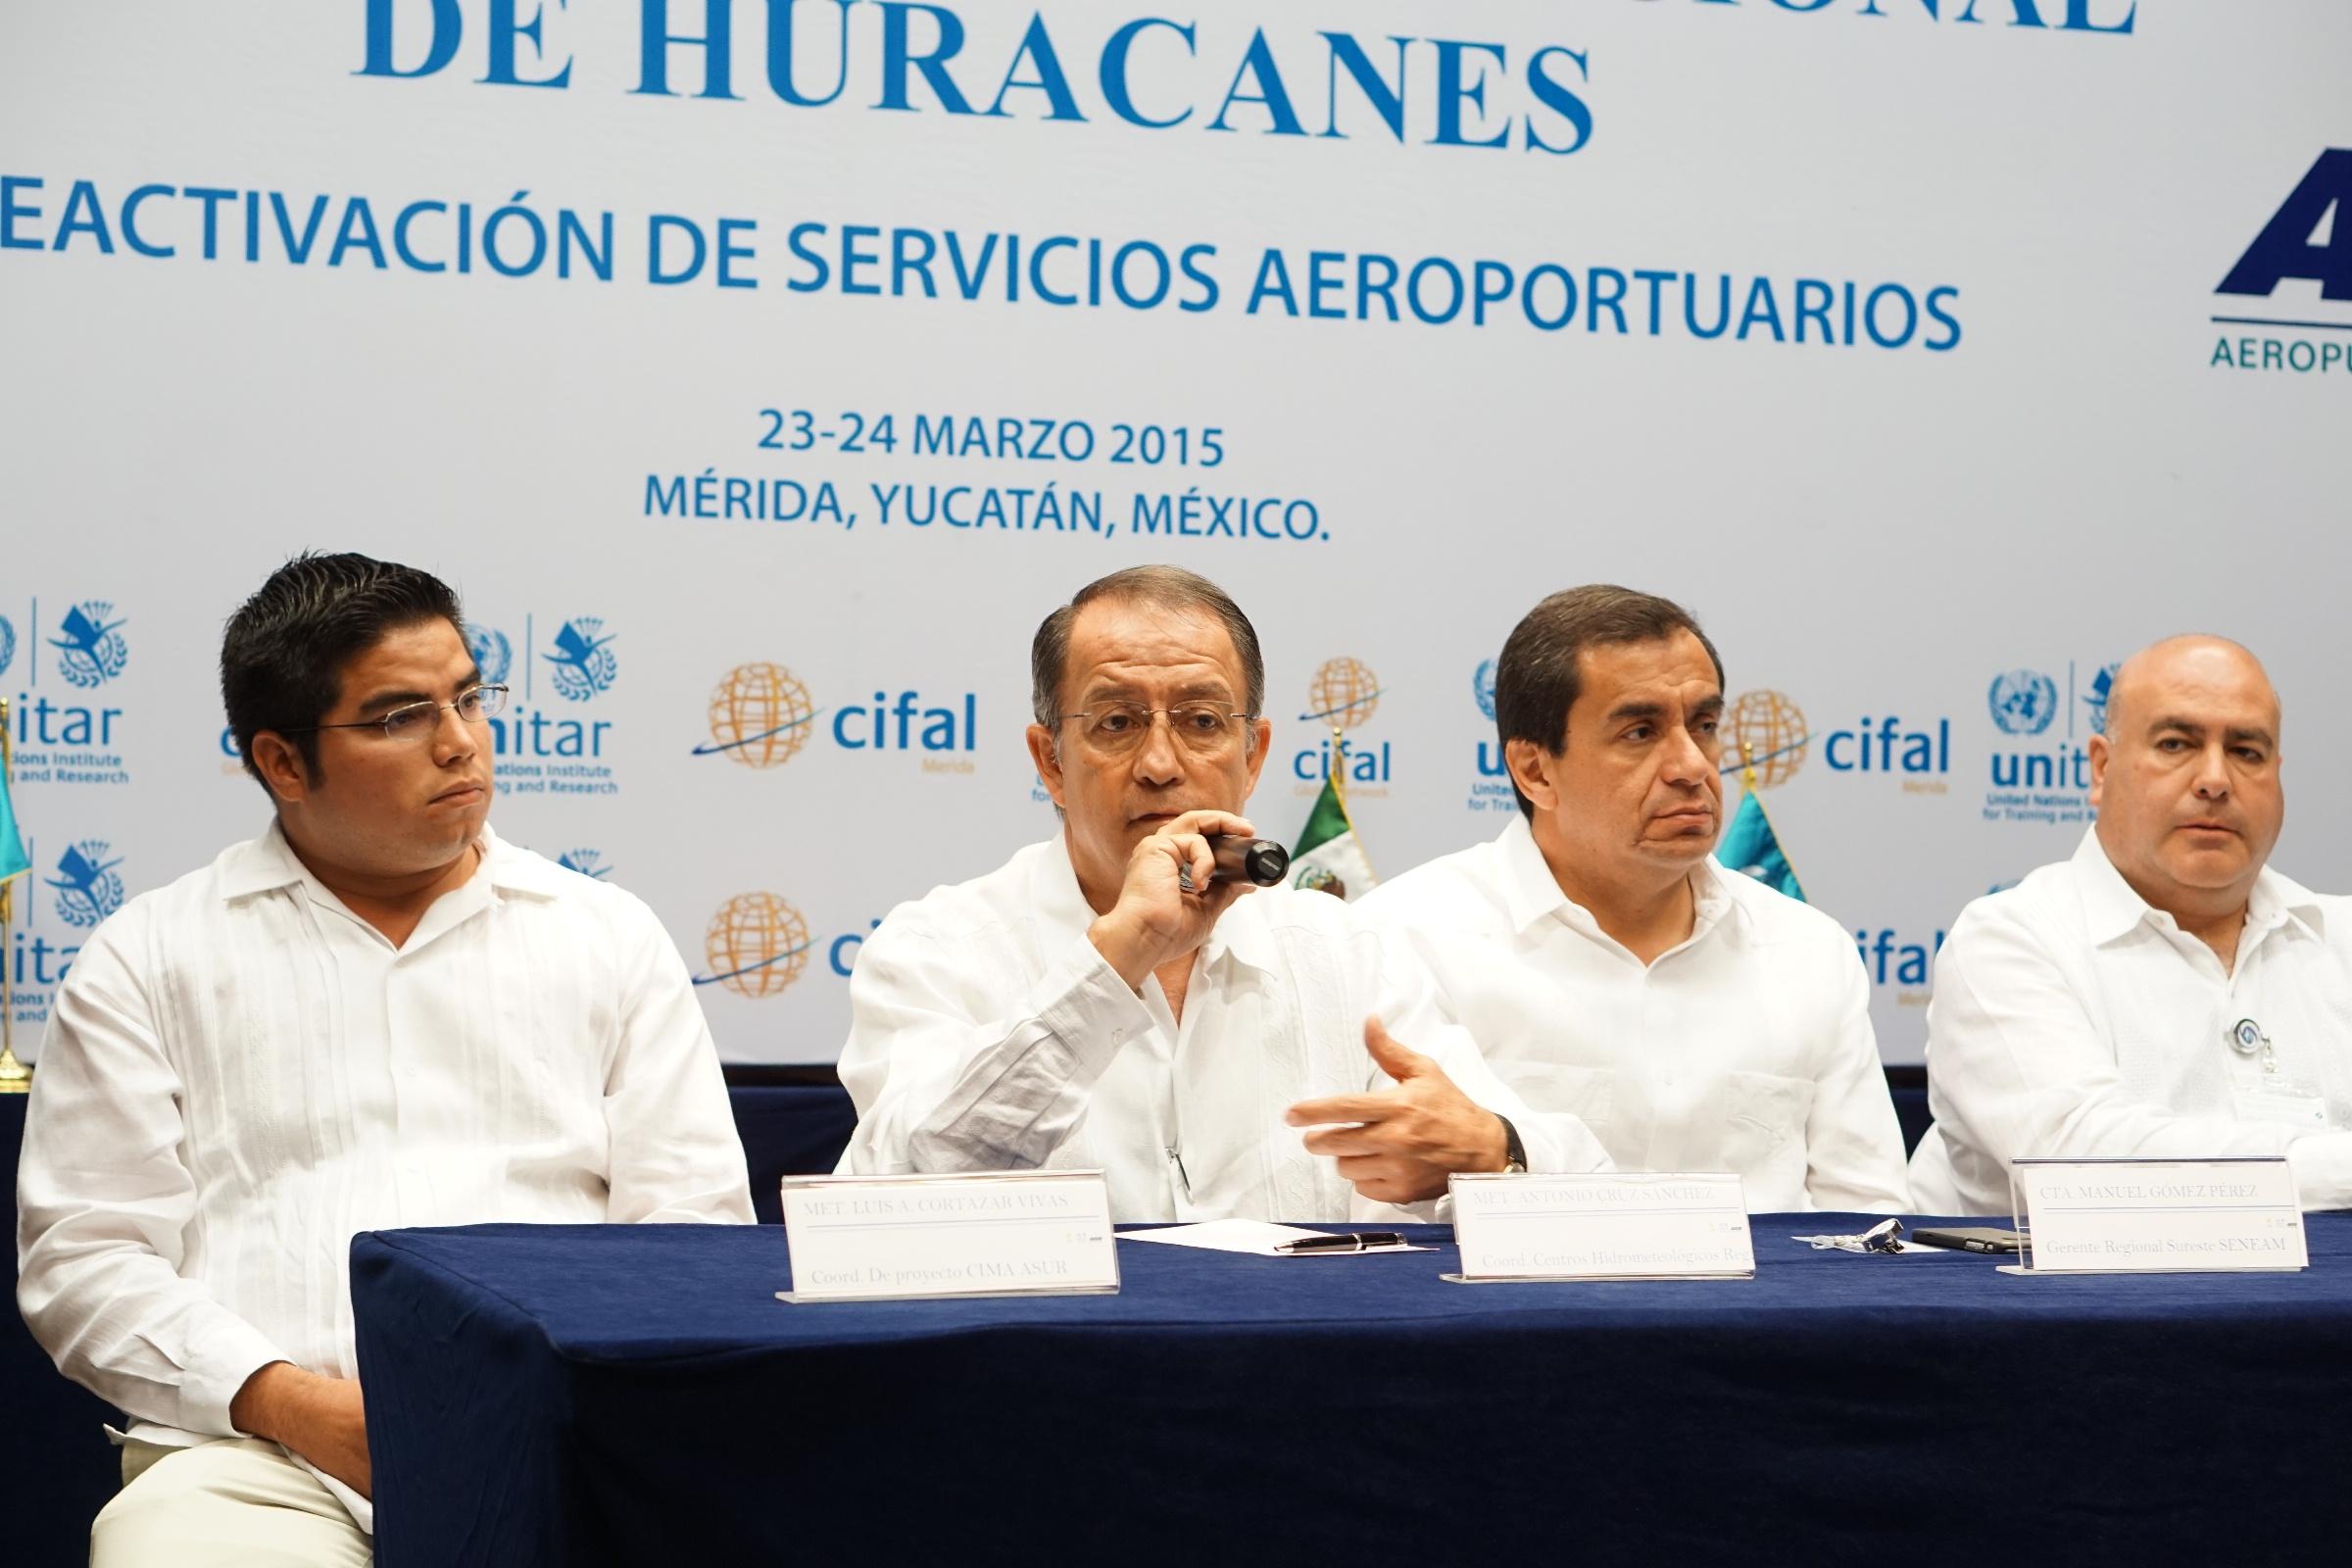 Huracanes 2015 - 58.JPG